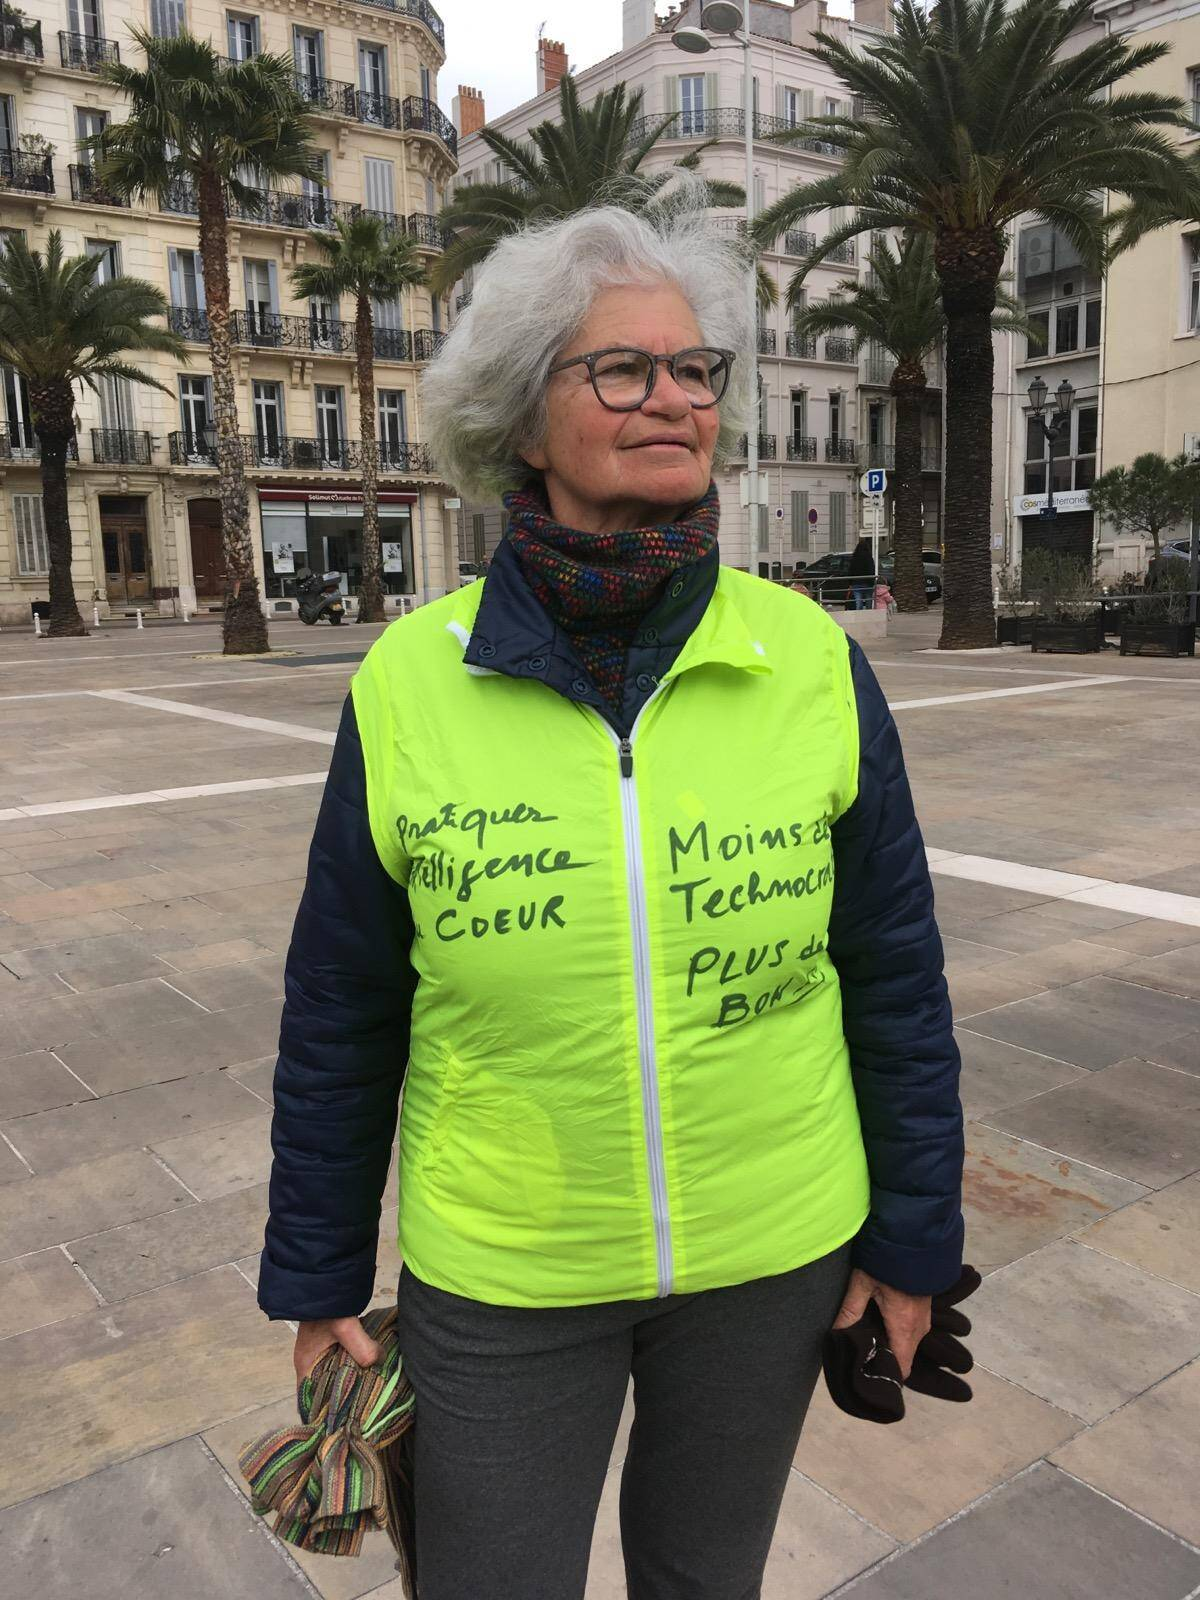 Martine, 72 ans, entend continuer à se « battre pour ses enfants et petits-enfants pour moins de technocratie et plus de bon sens ».